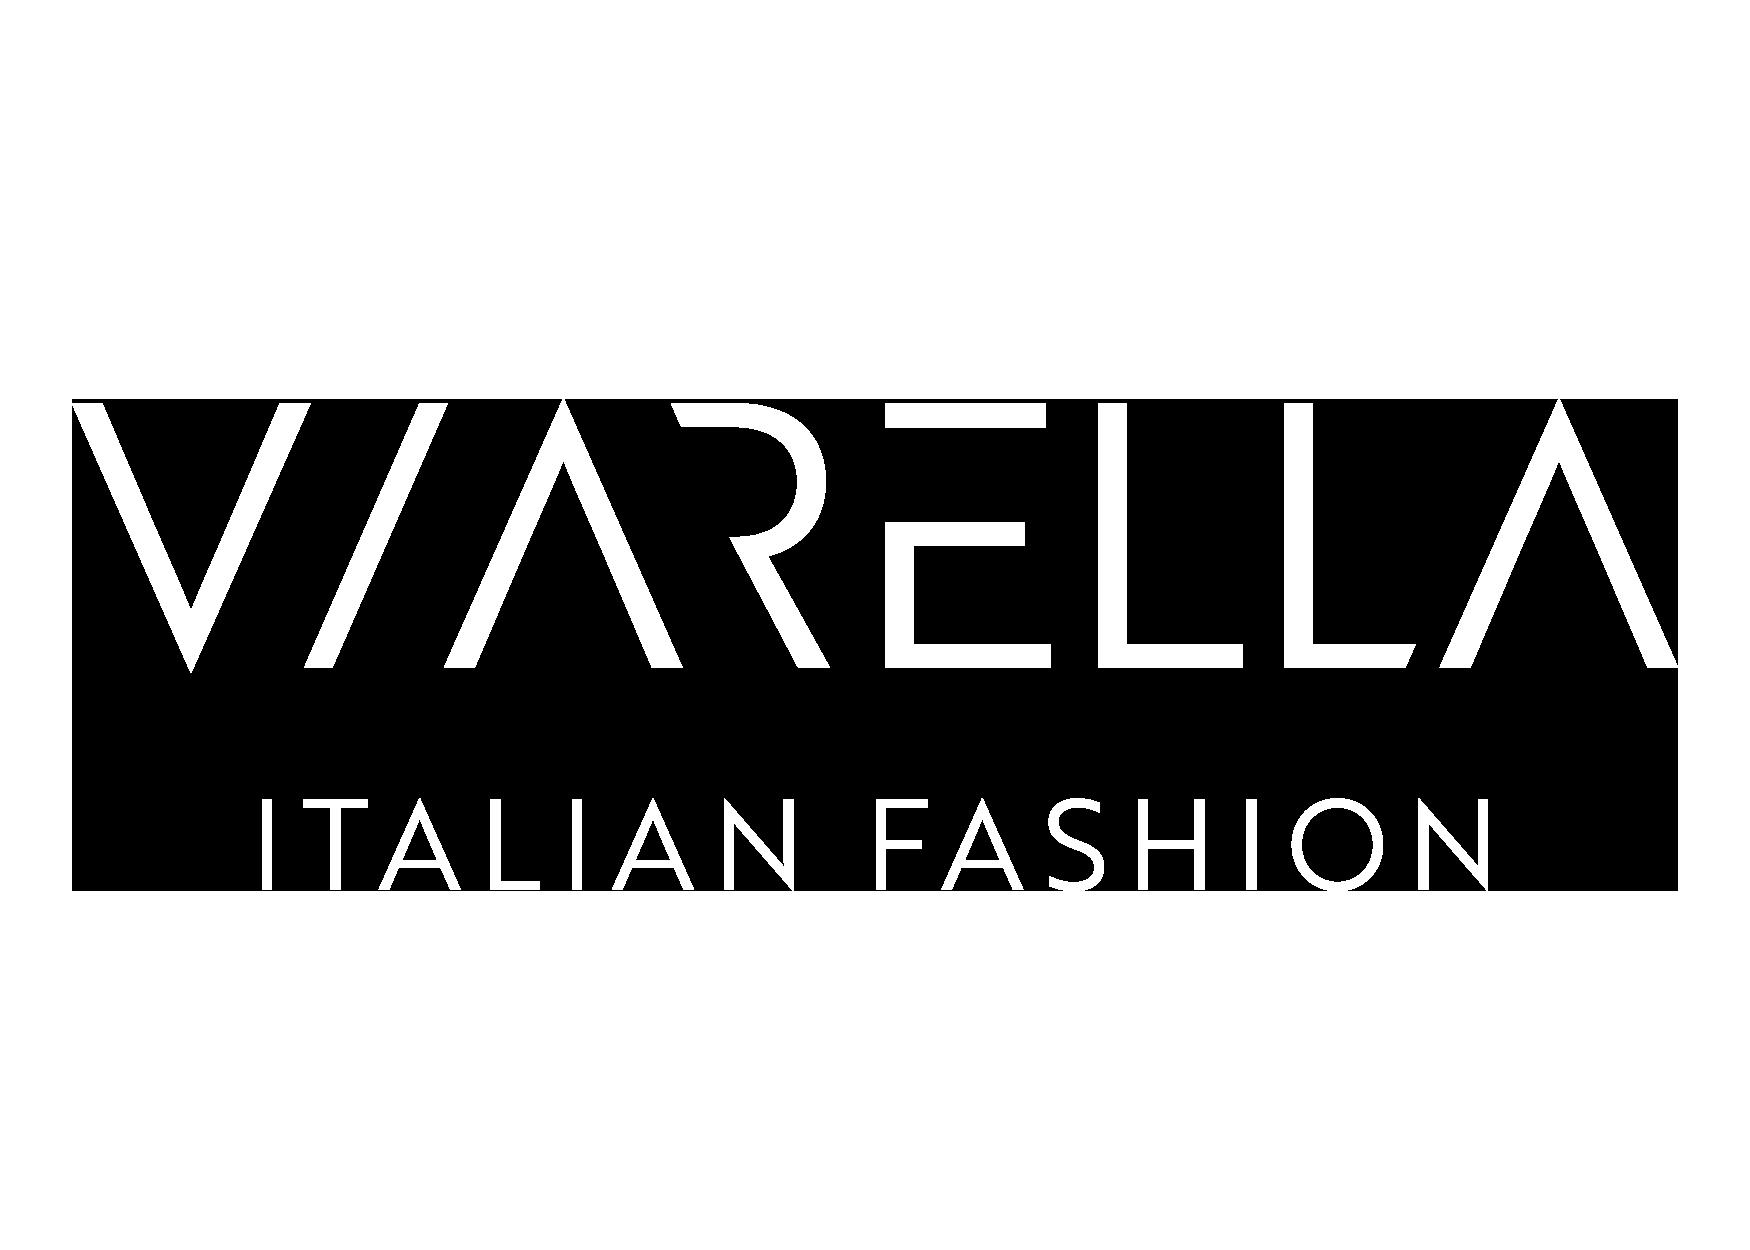 Viarella Logo weiß | Werbeagentur Roland C. Ritter